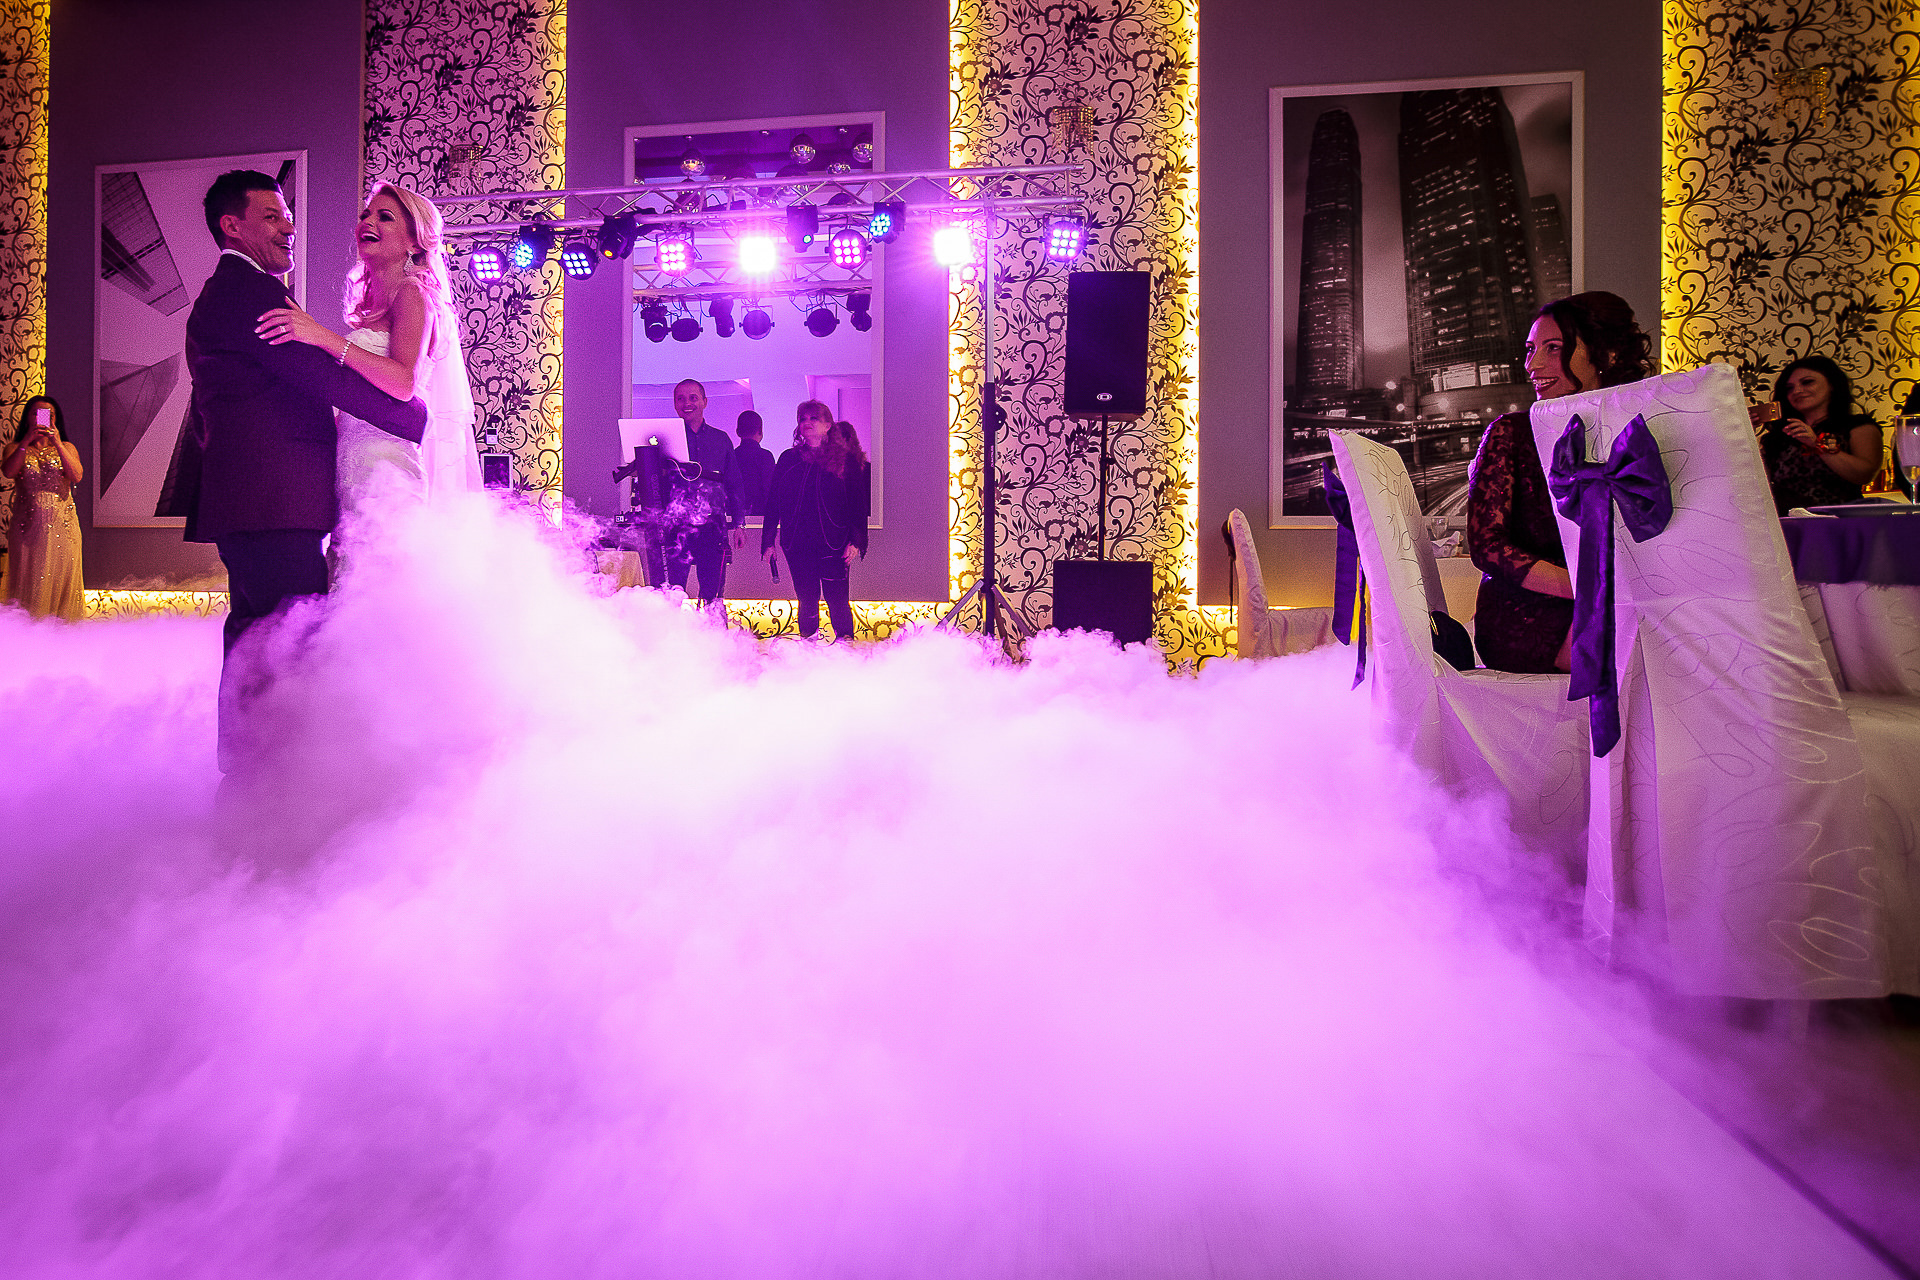 Fotograf nuntă Bucureşti - Biserica Militara Sfântul Mina + Metropolitan Club and Events - Marinela şi Pasquale - Mihai Zaharia Photography - 48